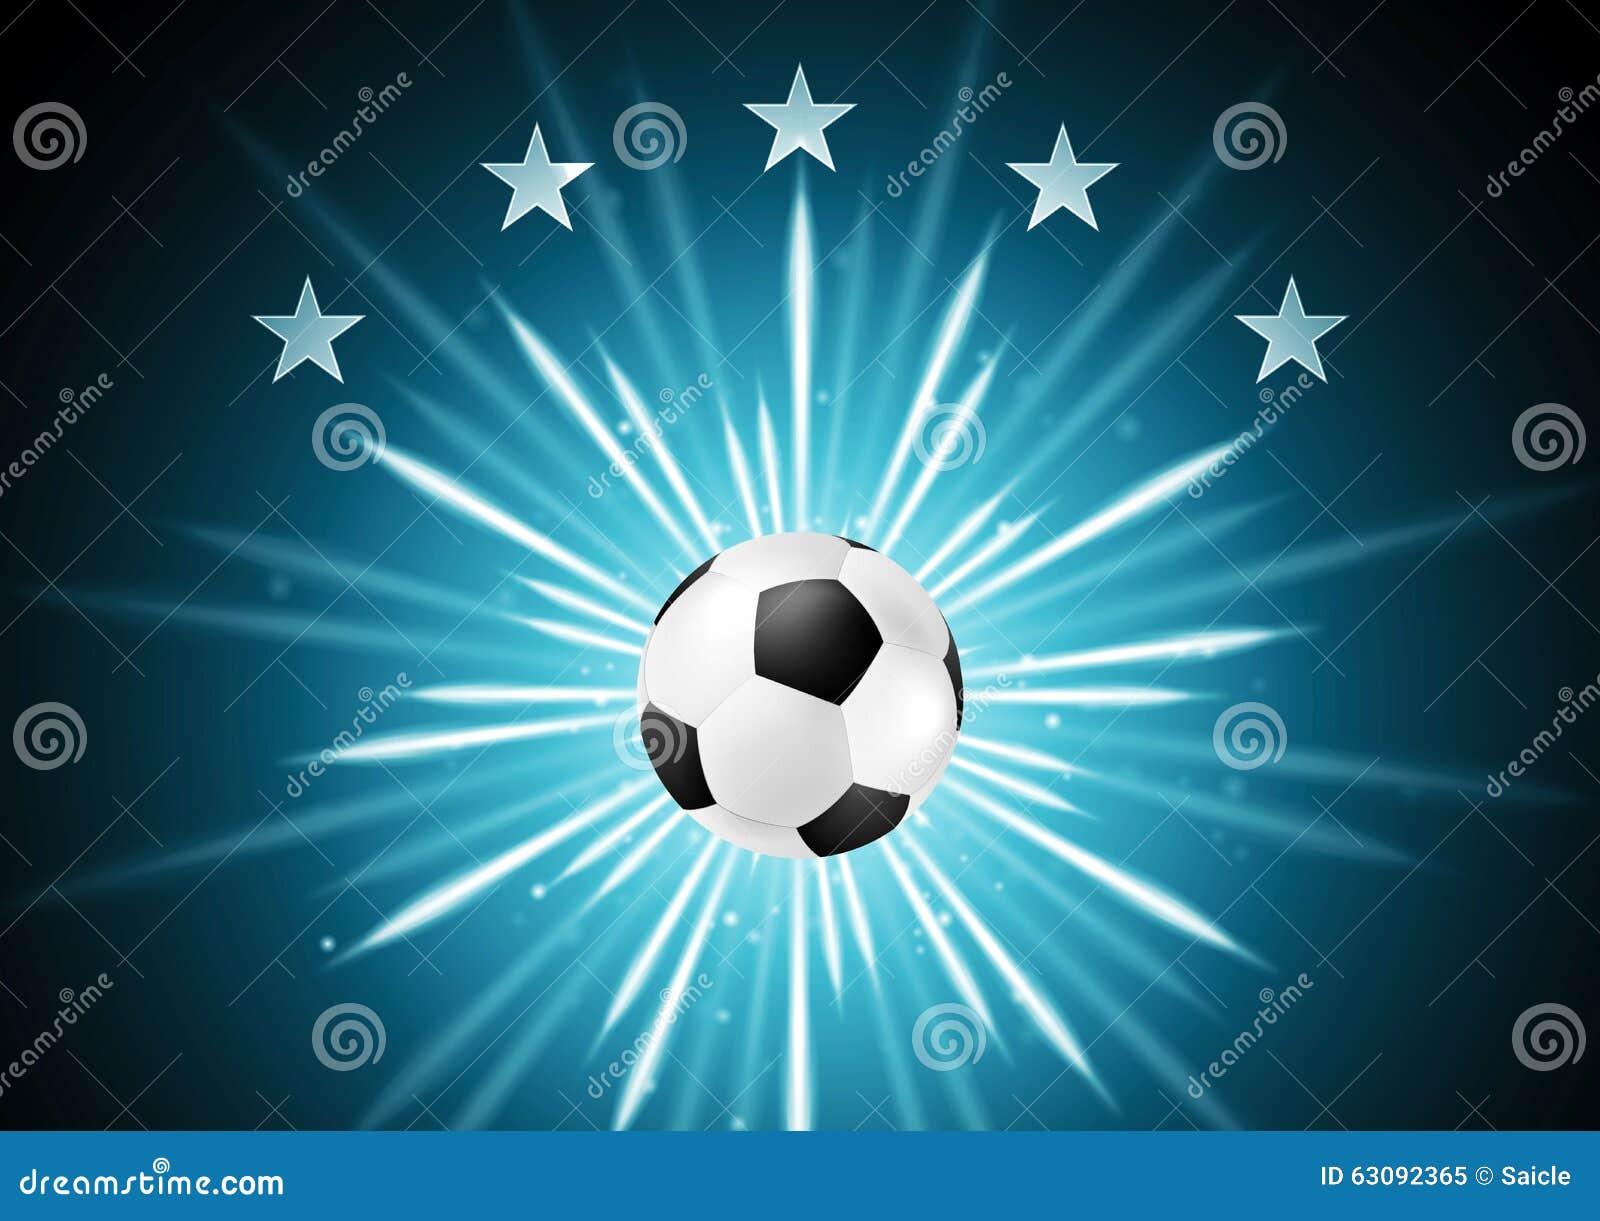 Fundo Abstrato Do Futebol Com Bola E Estrelas Ilustração do Vetor ... 849037a21e9c8